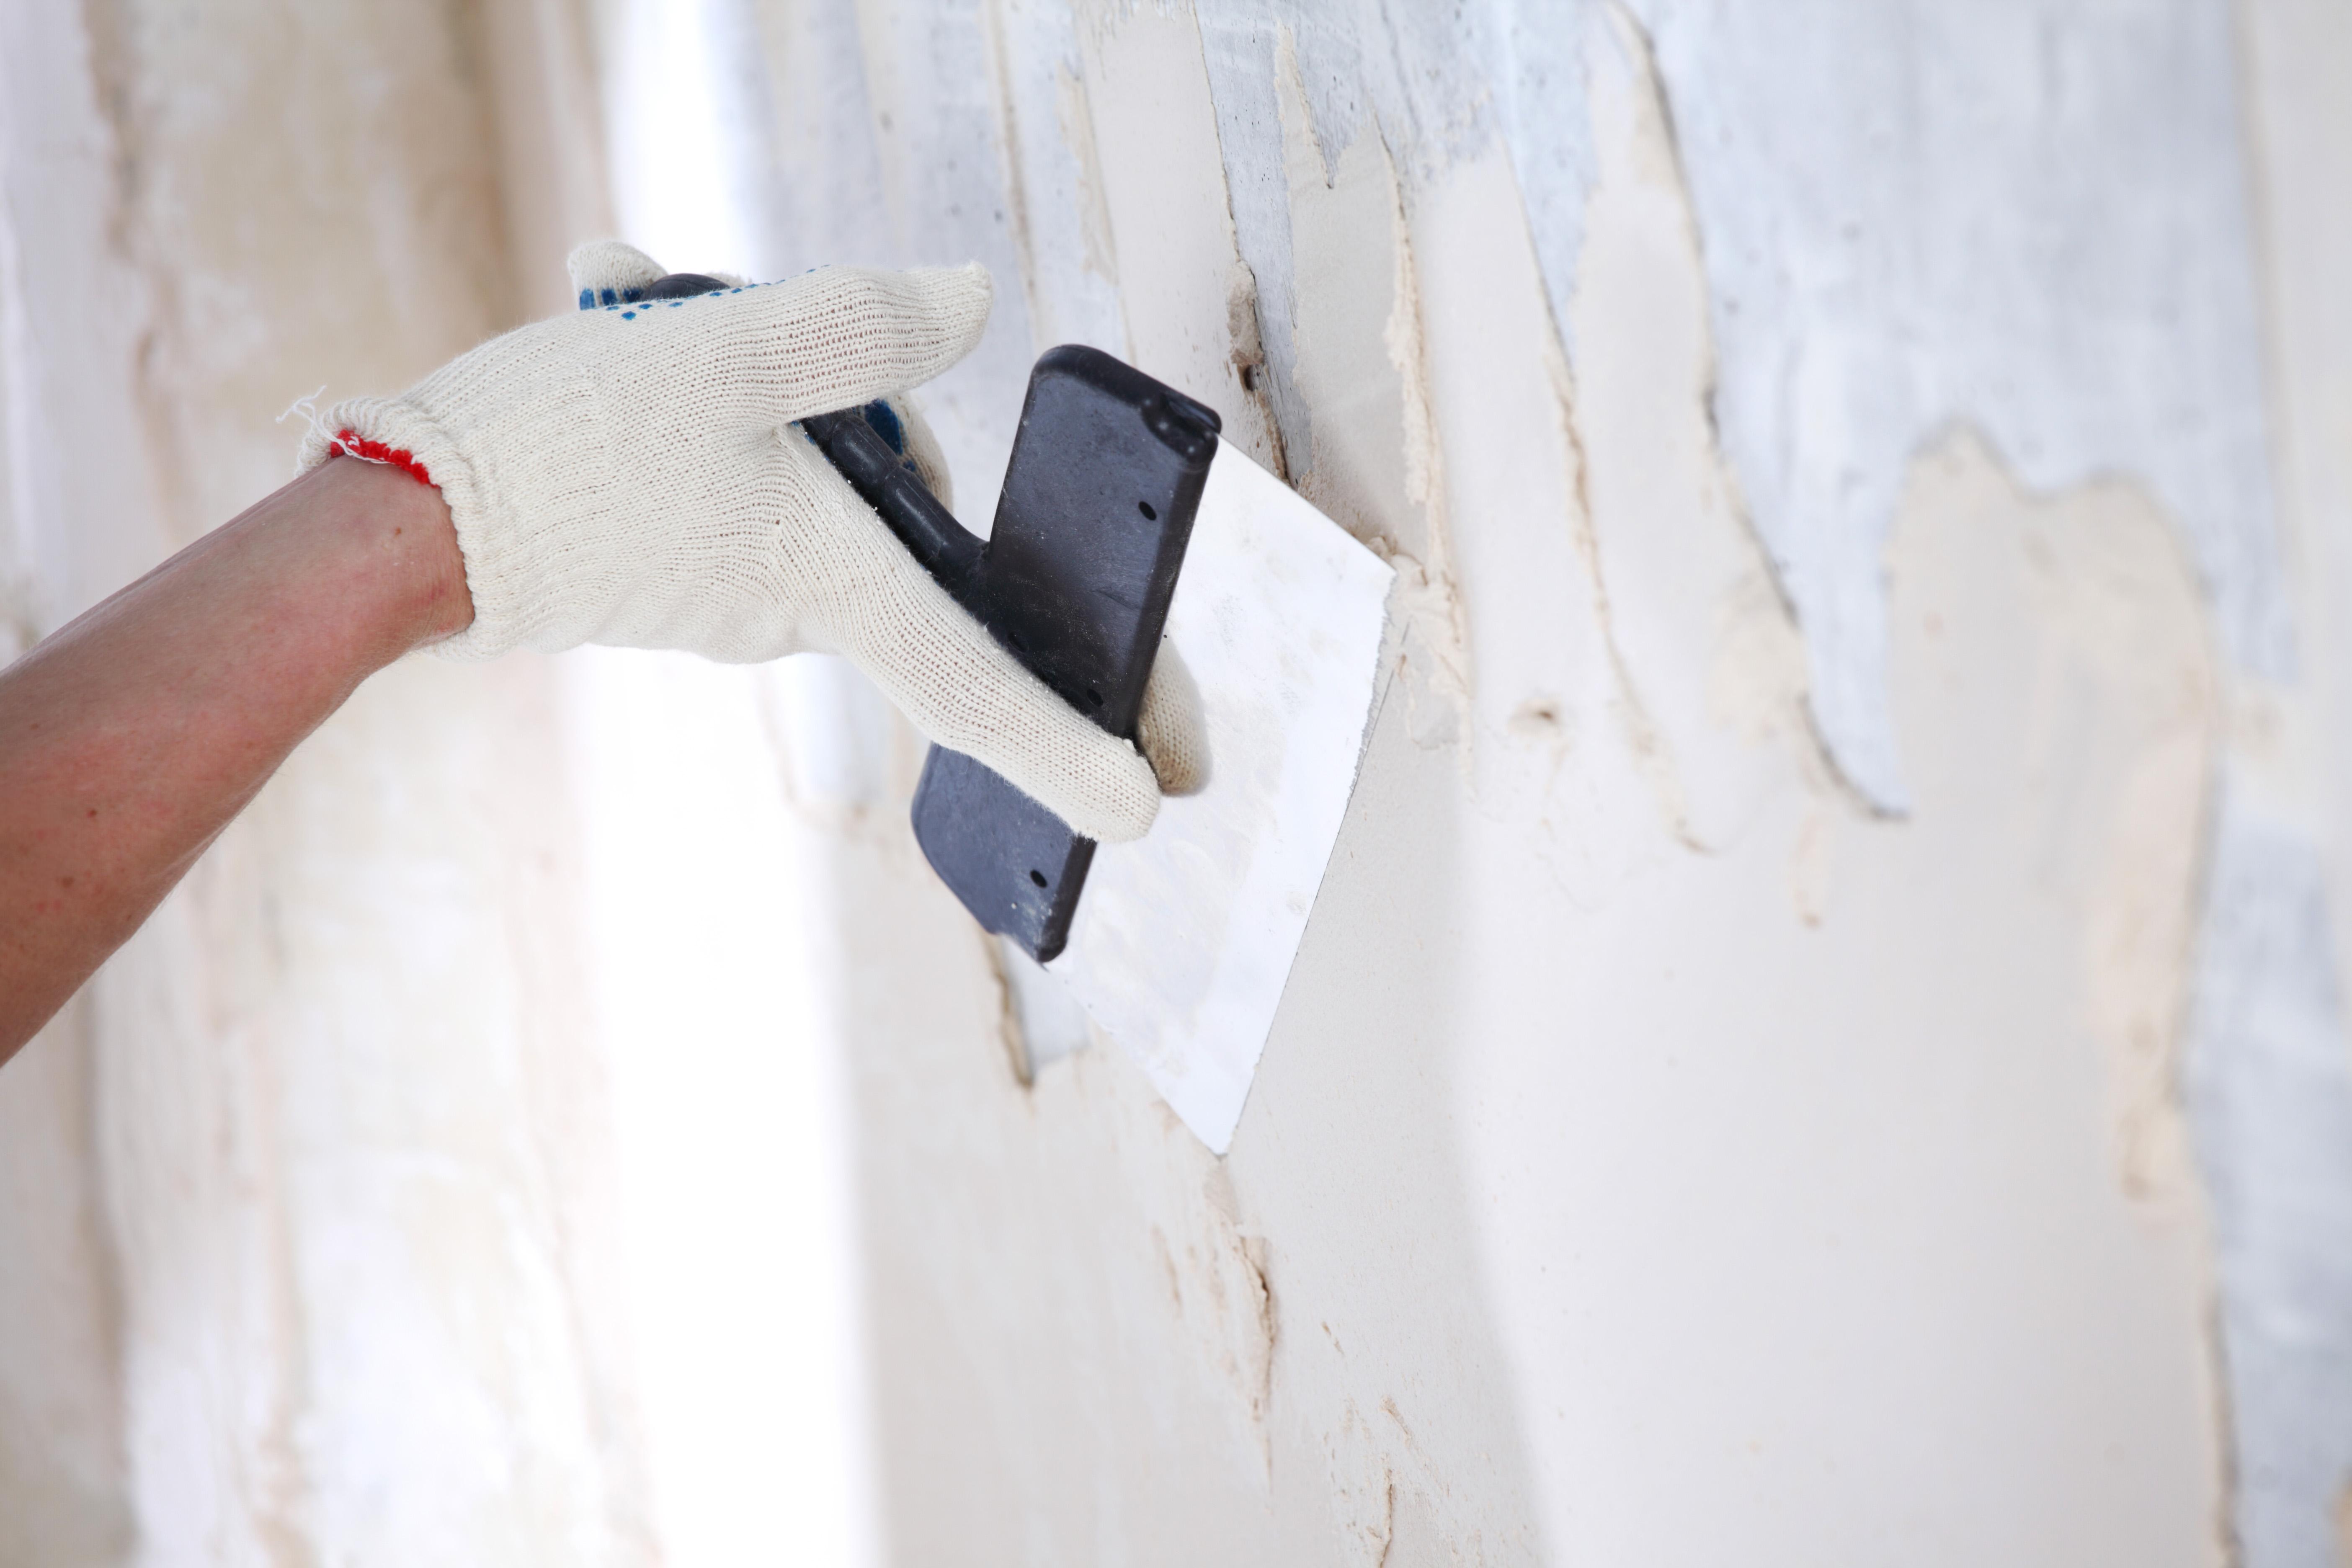 Toile À Enduire Plafond comment enduire un mur en plâtre abîmé ?